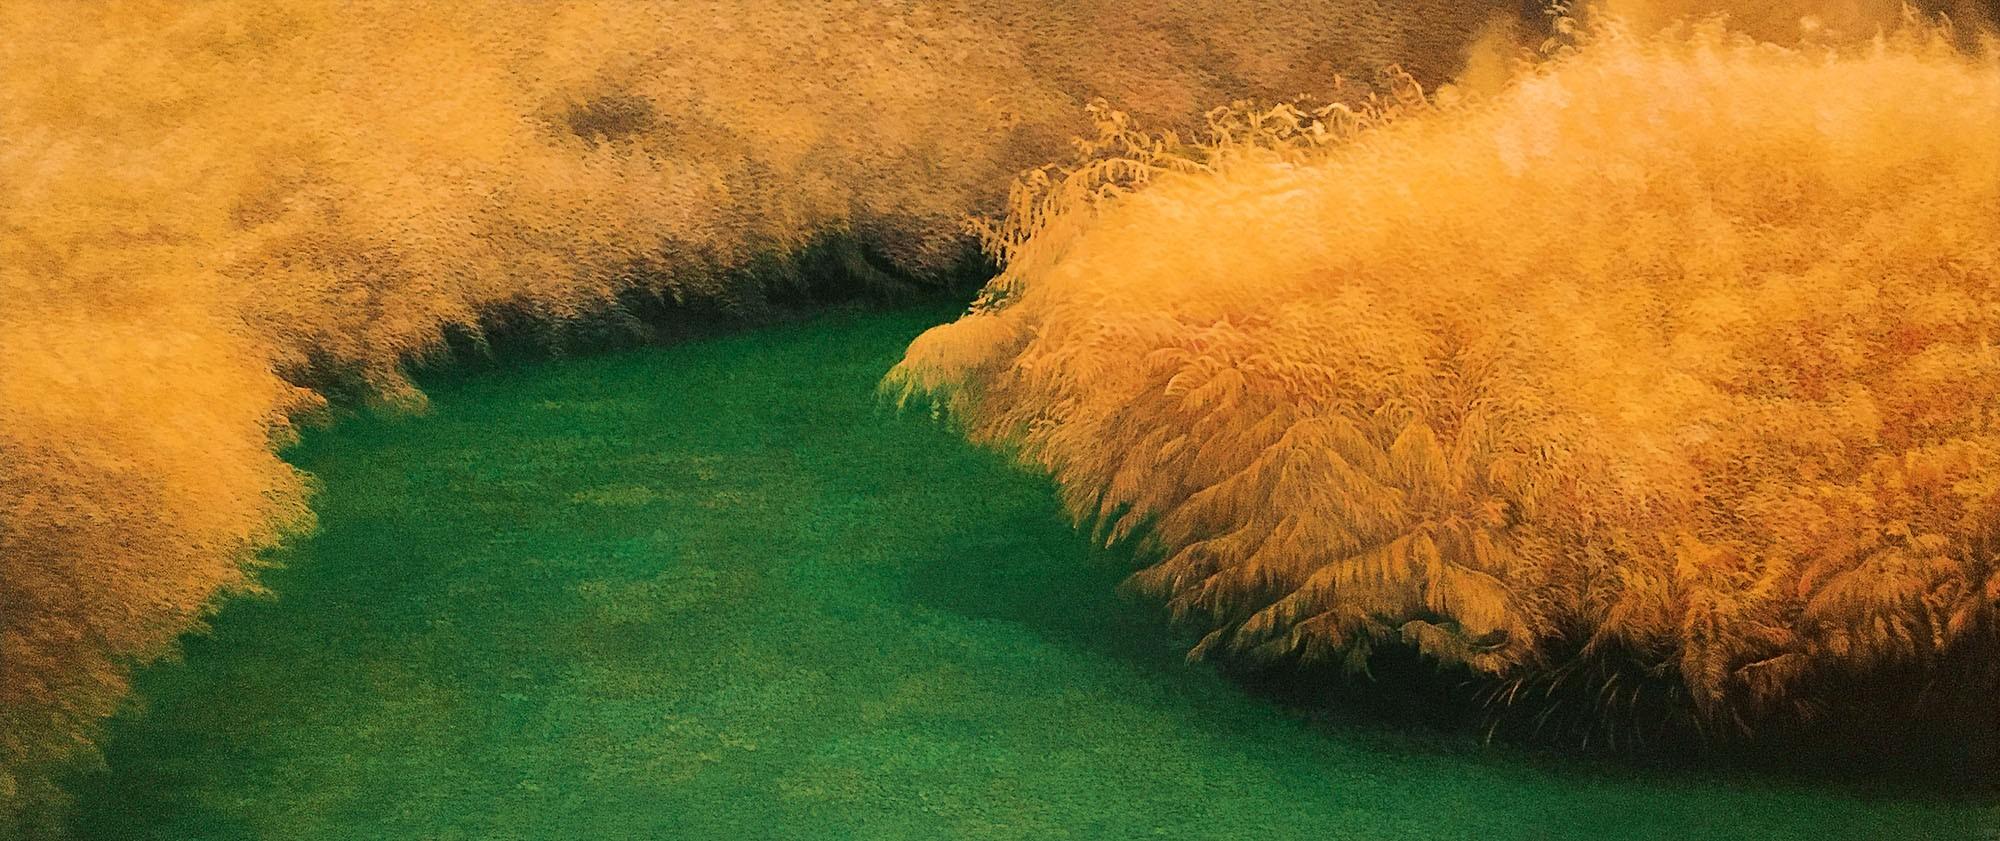 Busch | Malerei von Sven Wiebers | Acryl auf Leinwand, realistisch